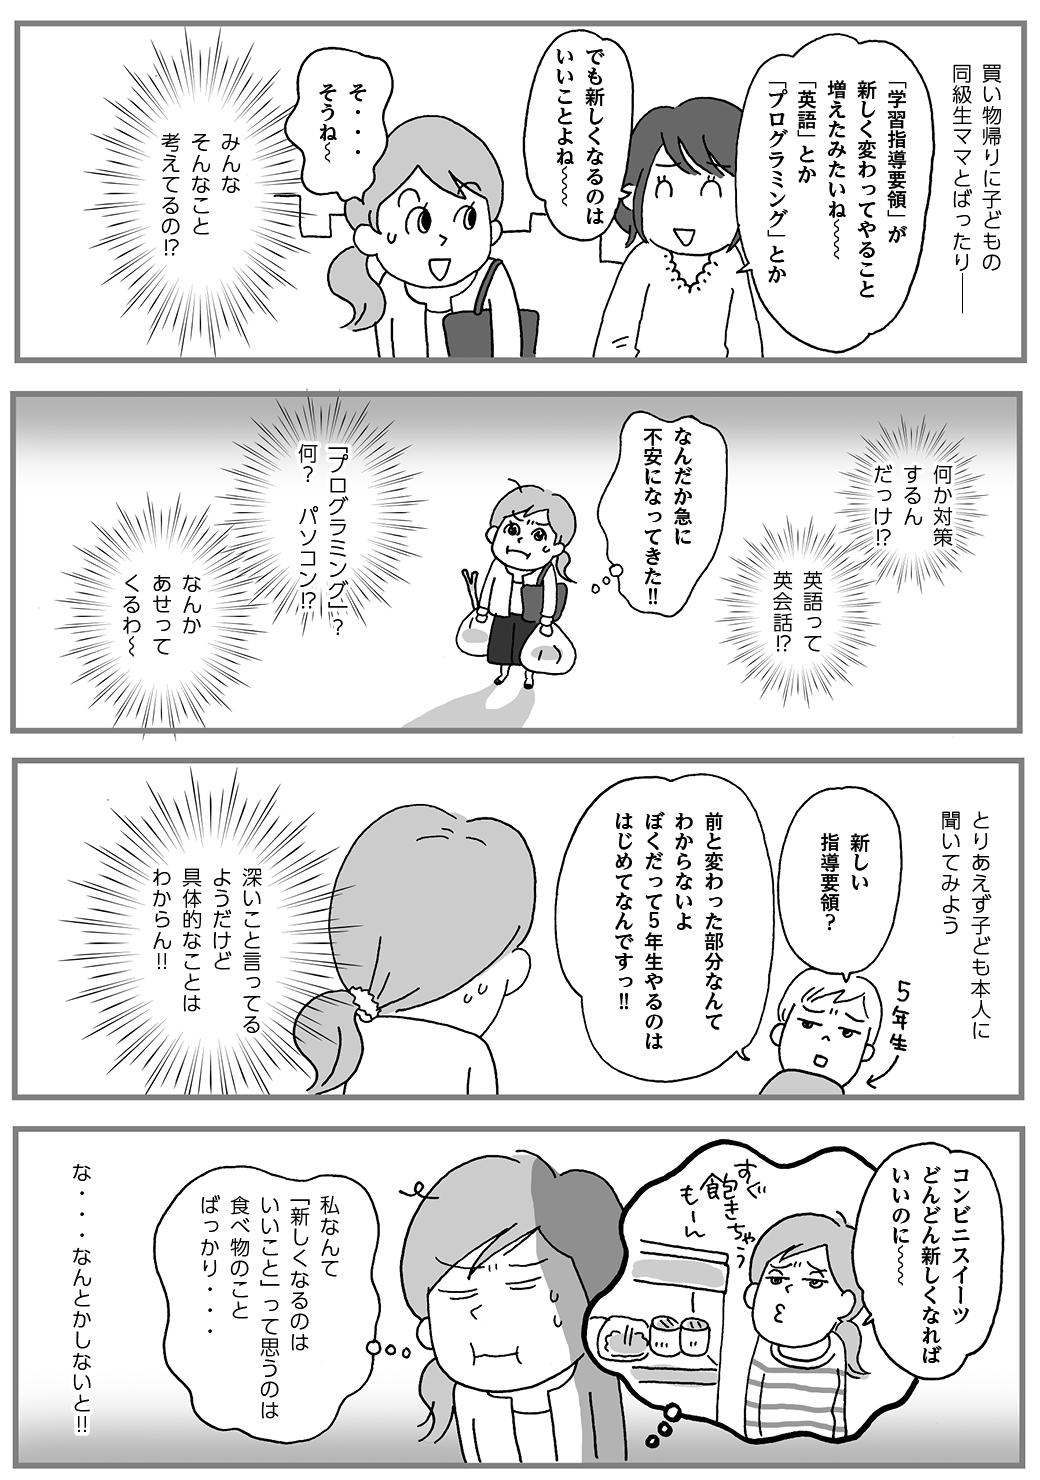 2018-08-学習指導要領マンガ-001.png